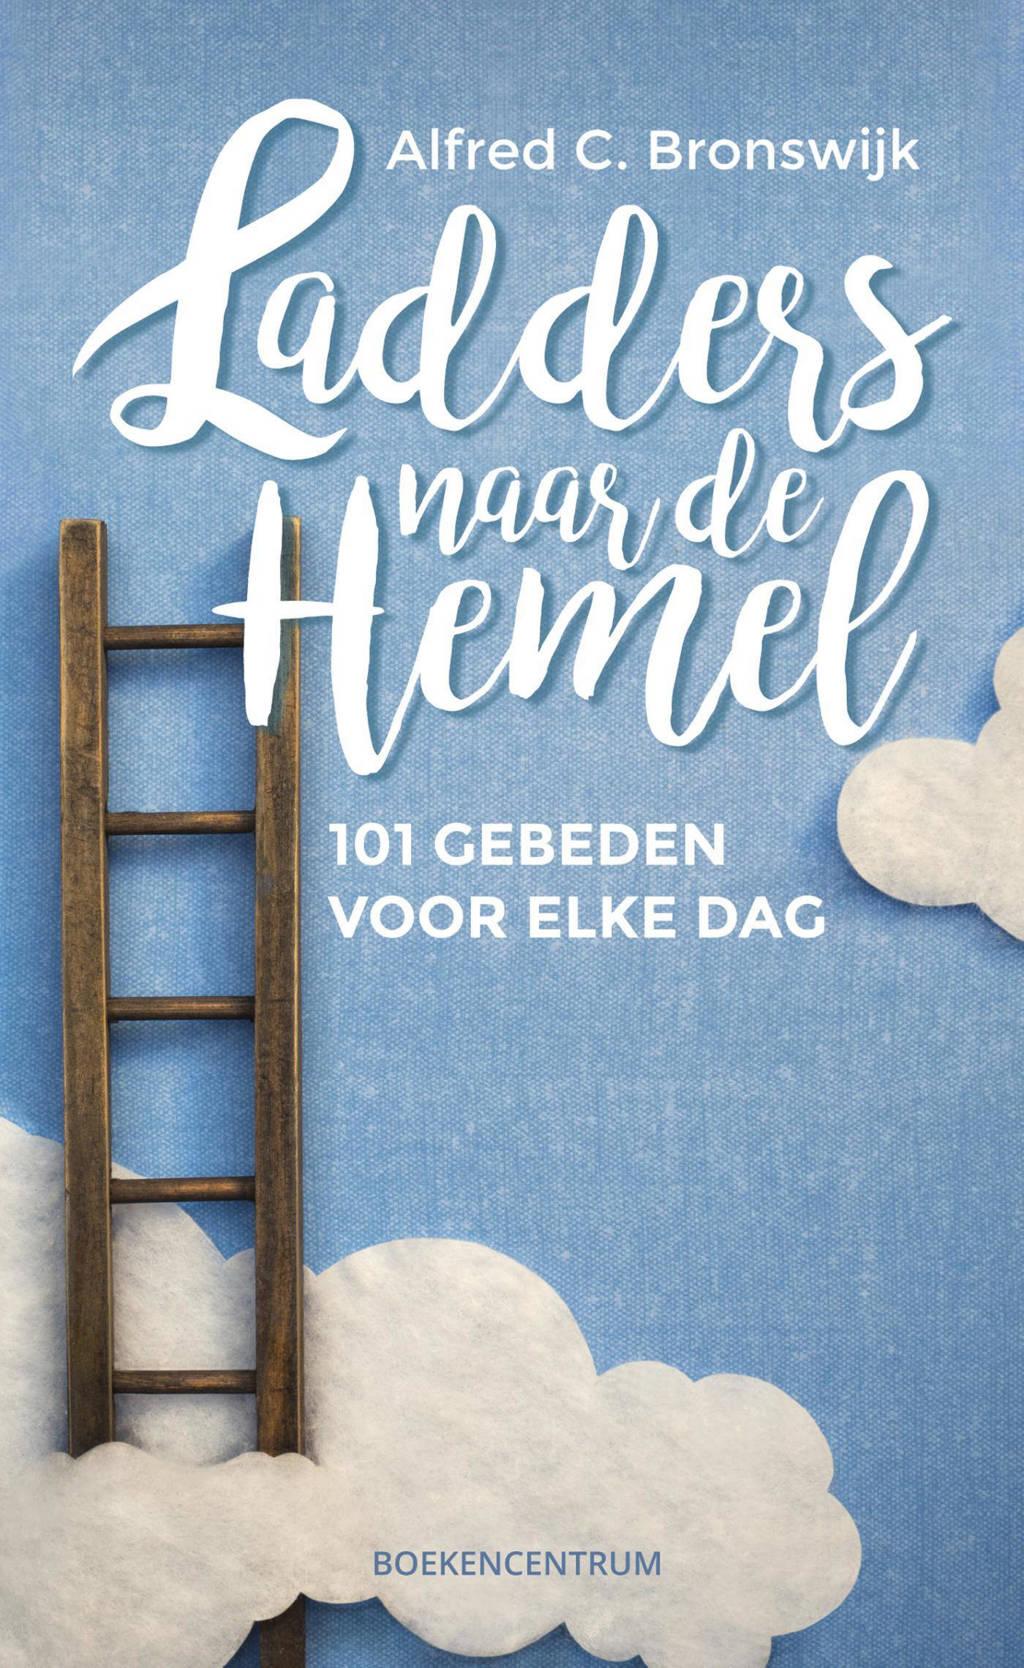 Ladders naar de hemel - Alfred C. Bronswijk